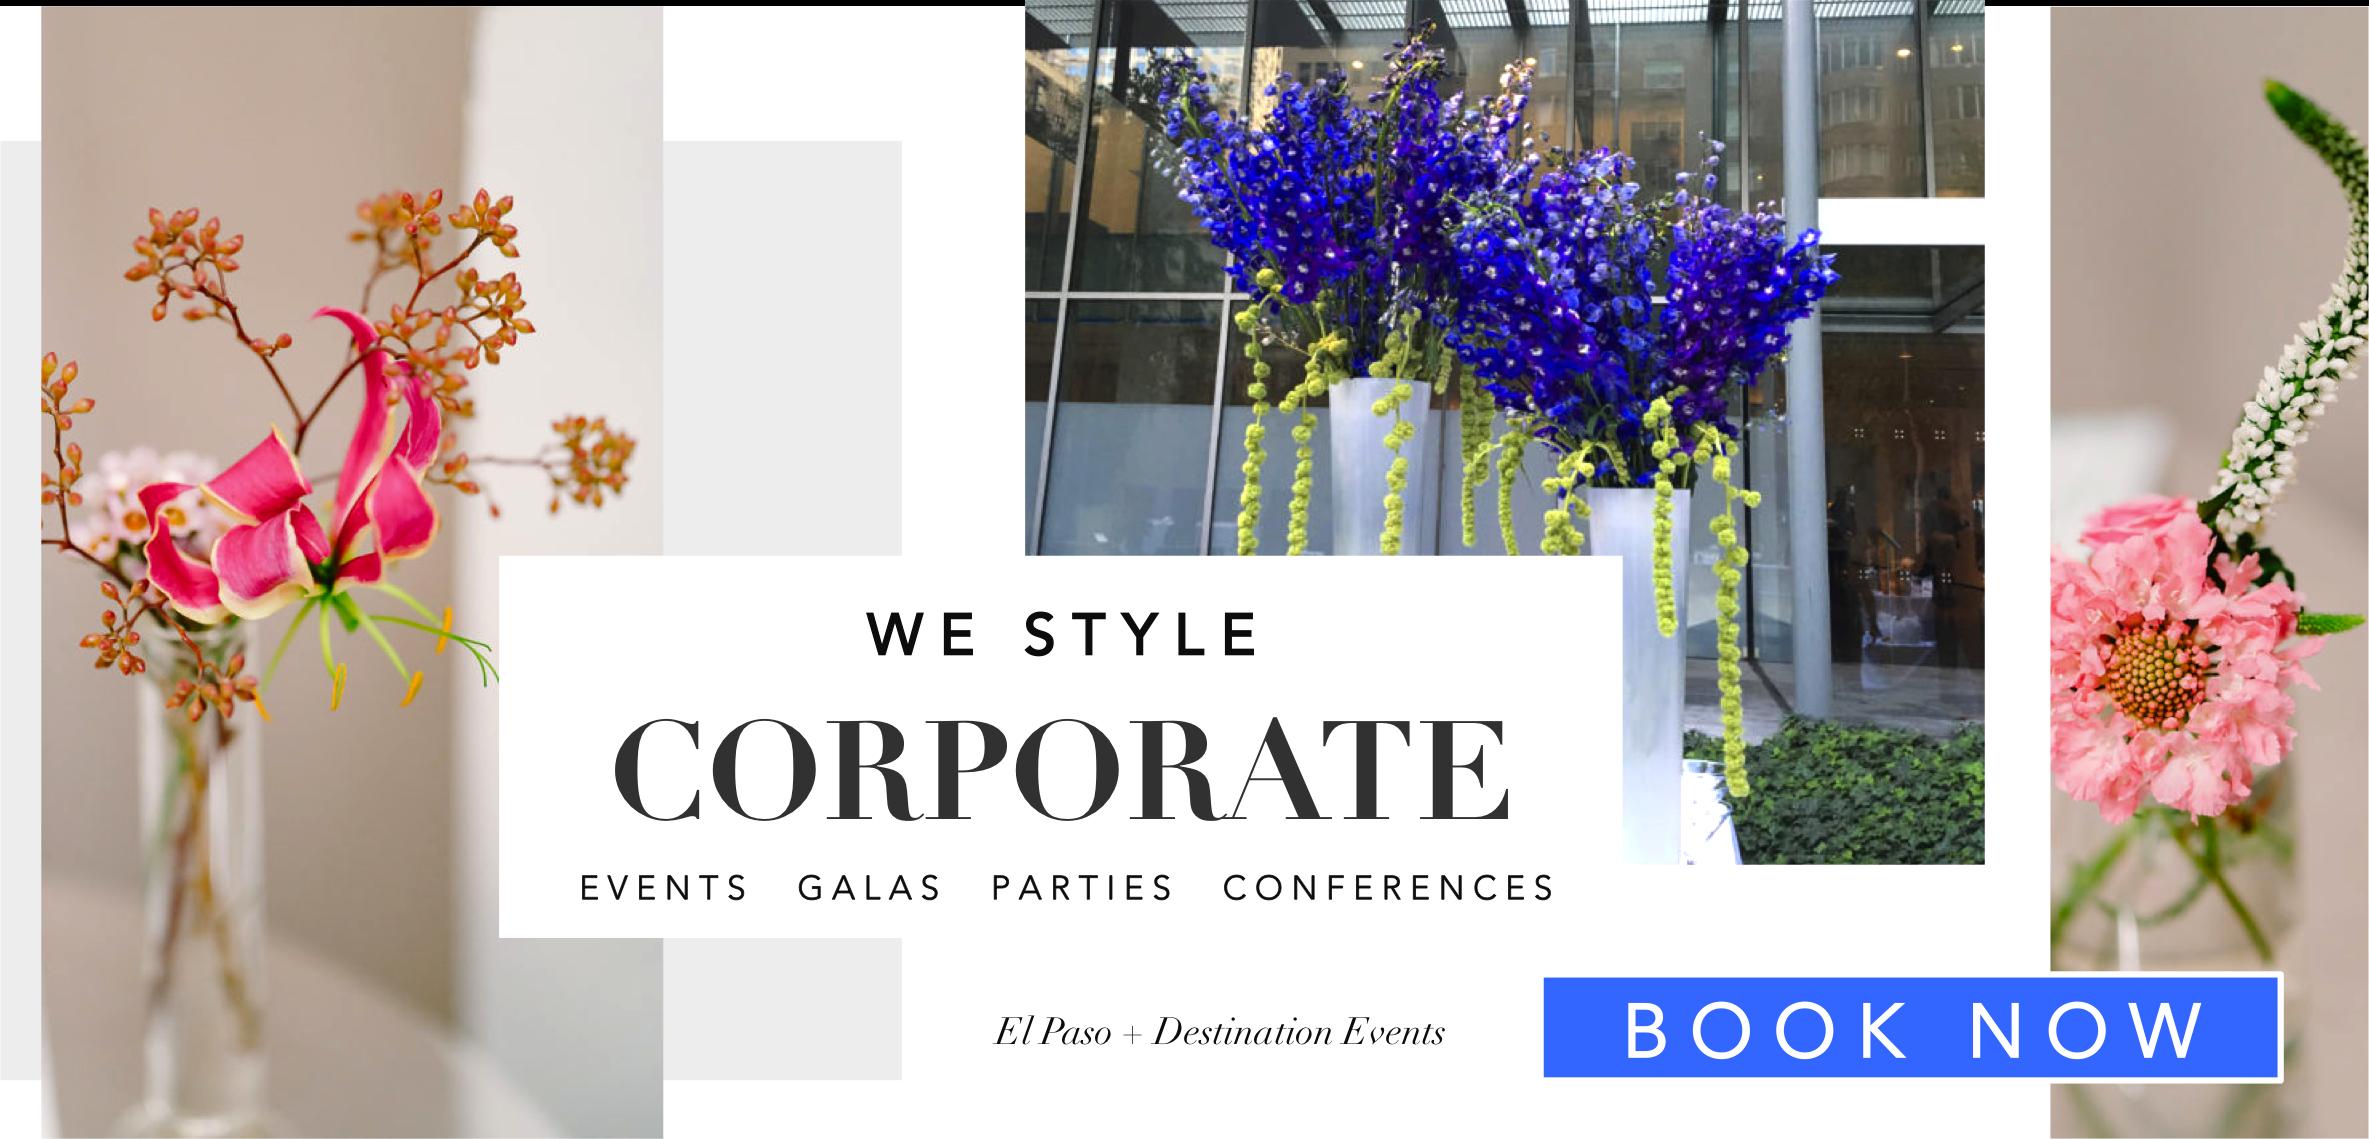 01-angies-1-angies-floral-events-el-paso-events-designs-shop-el-paso-florist-flowershop-corporate-events-el-paso-florist-79912.png